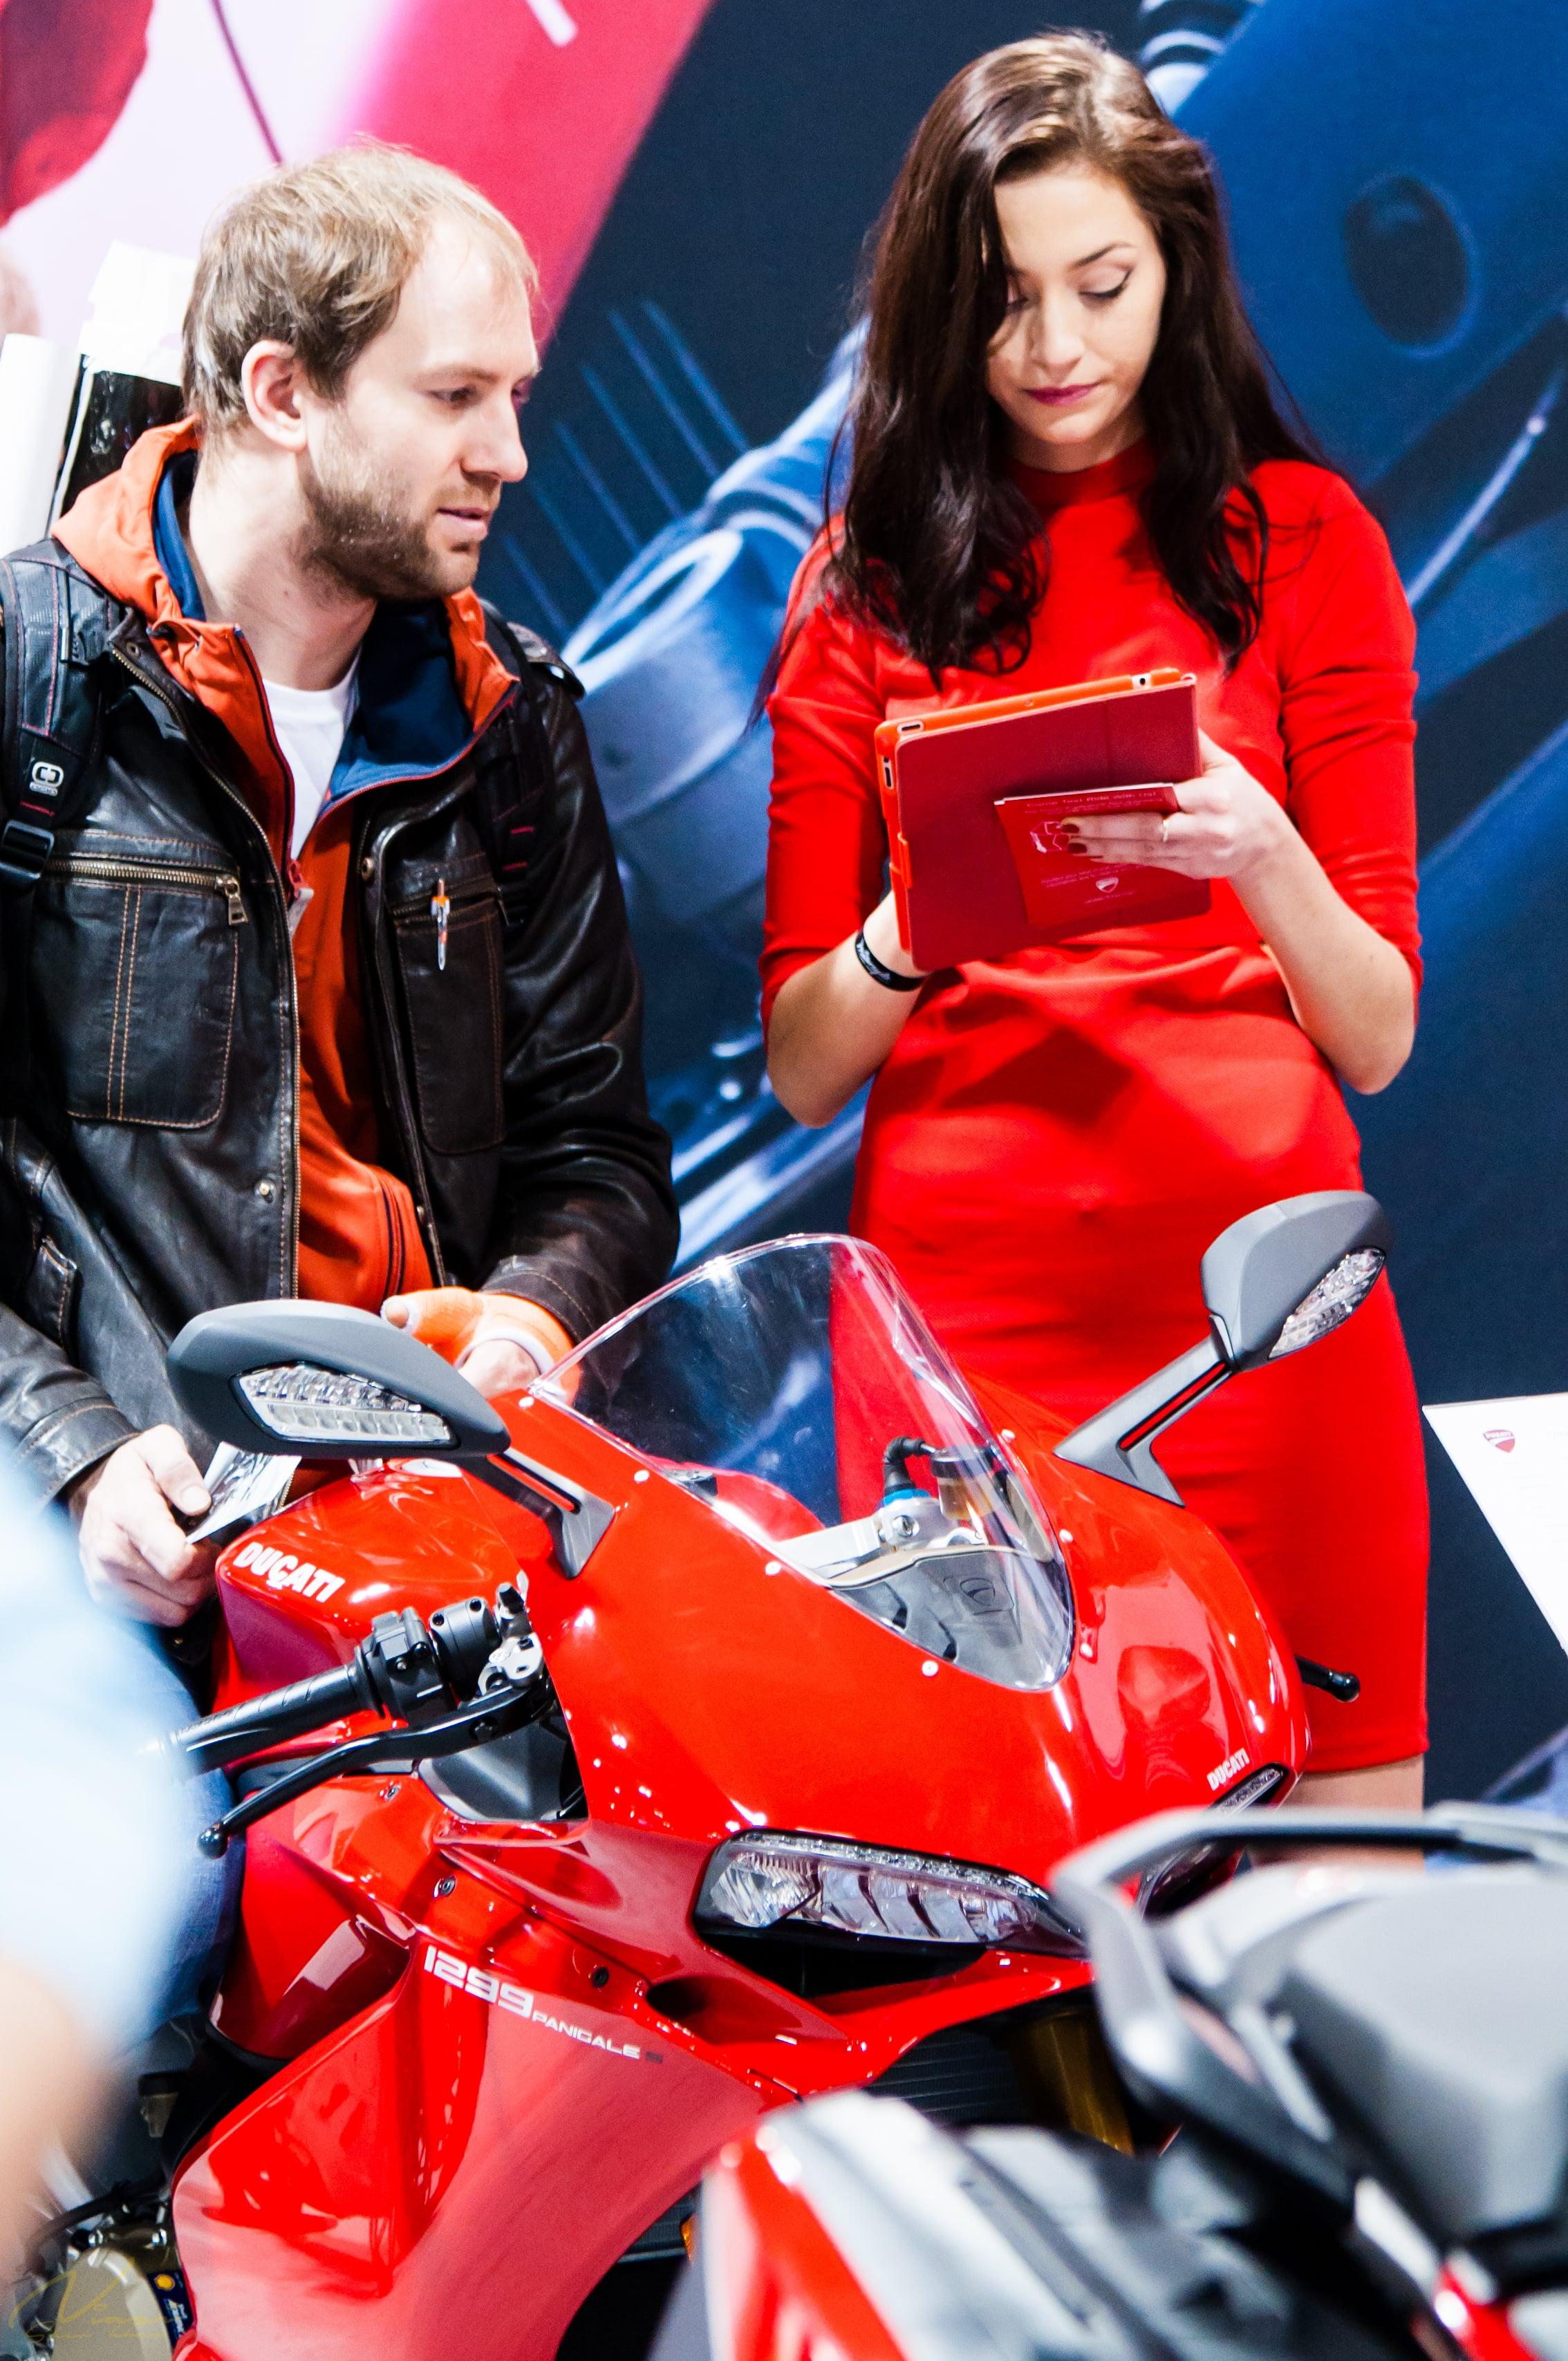 Sher Khan Niazi-Motorcycle Show -0059.jpg